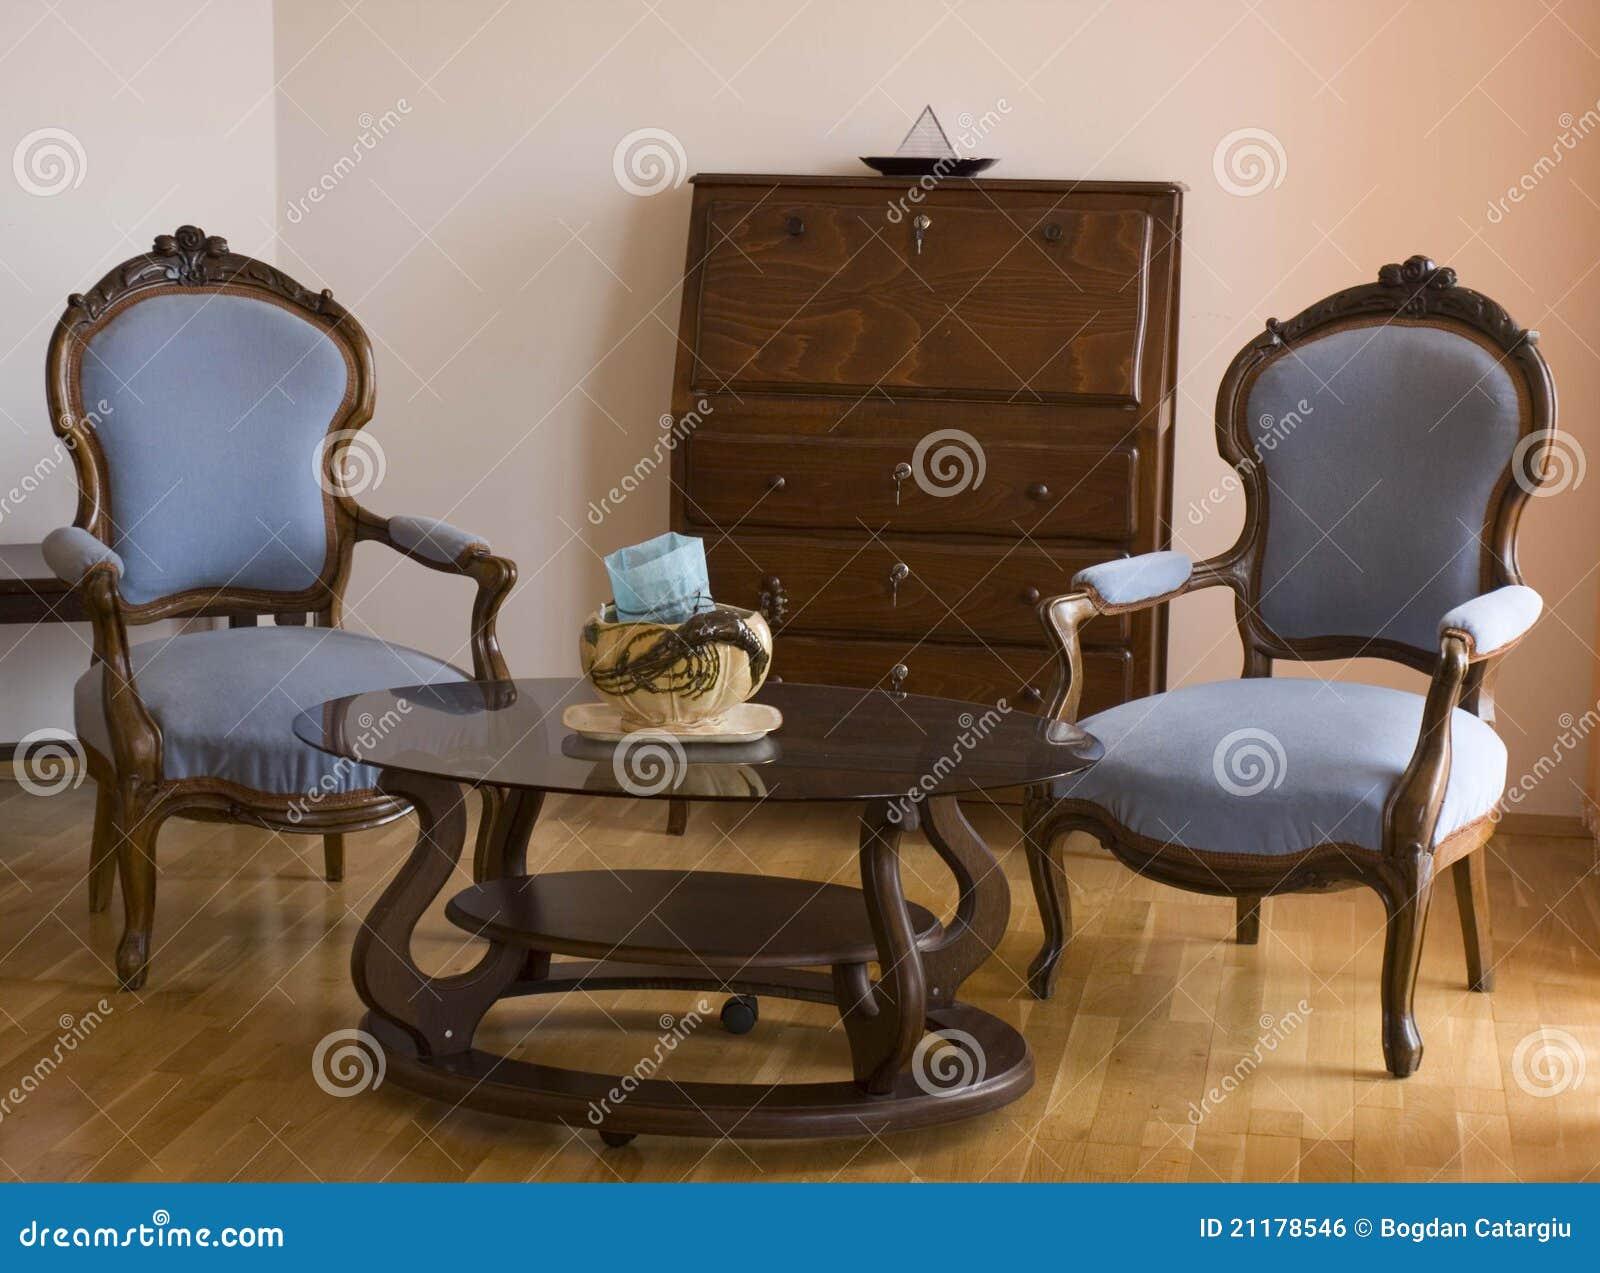 Twee Blauwe Stoelen In De Woonkamer Royalty-vrije Stock Afbeelding ...